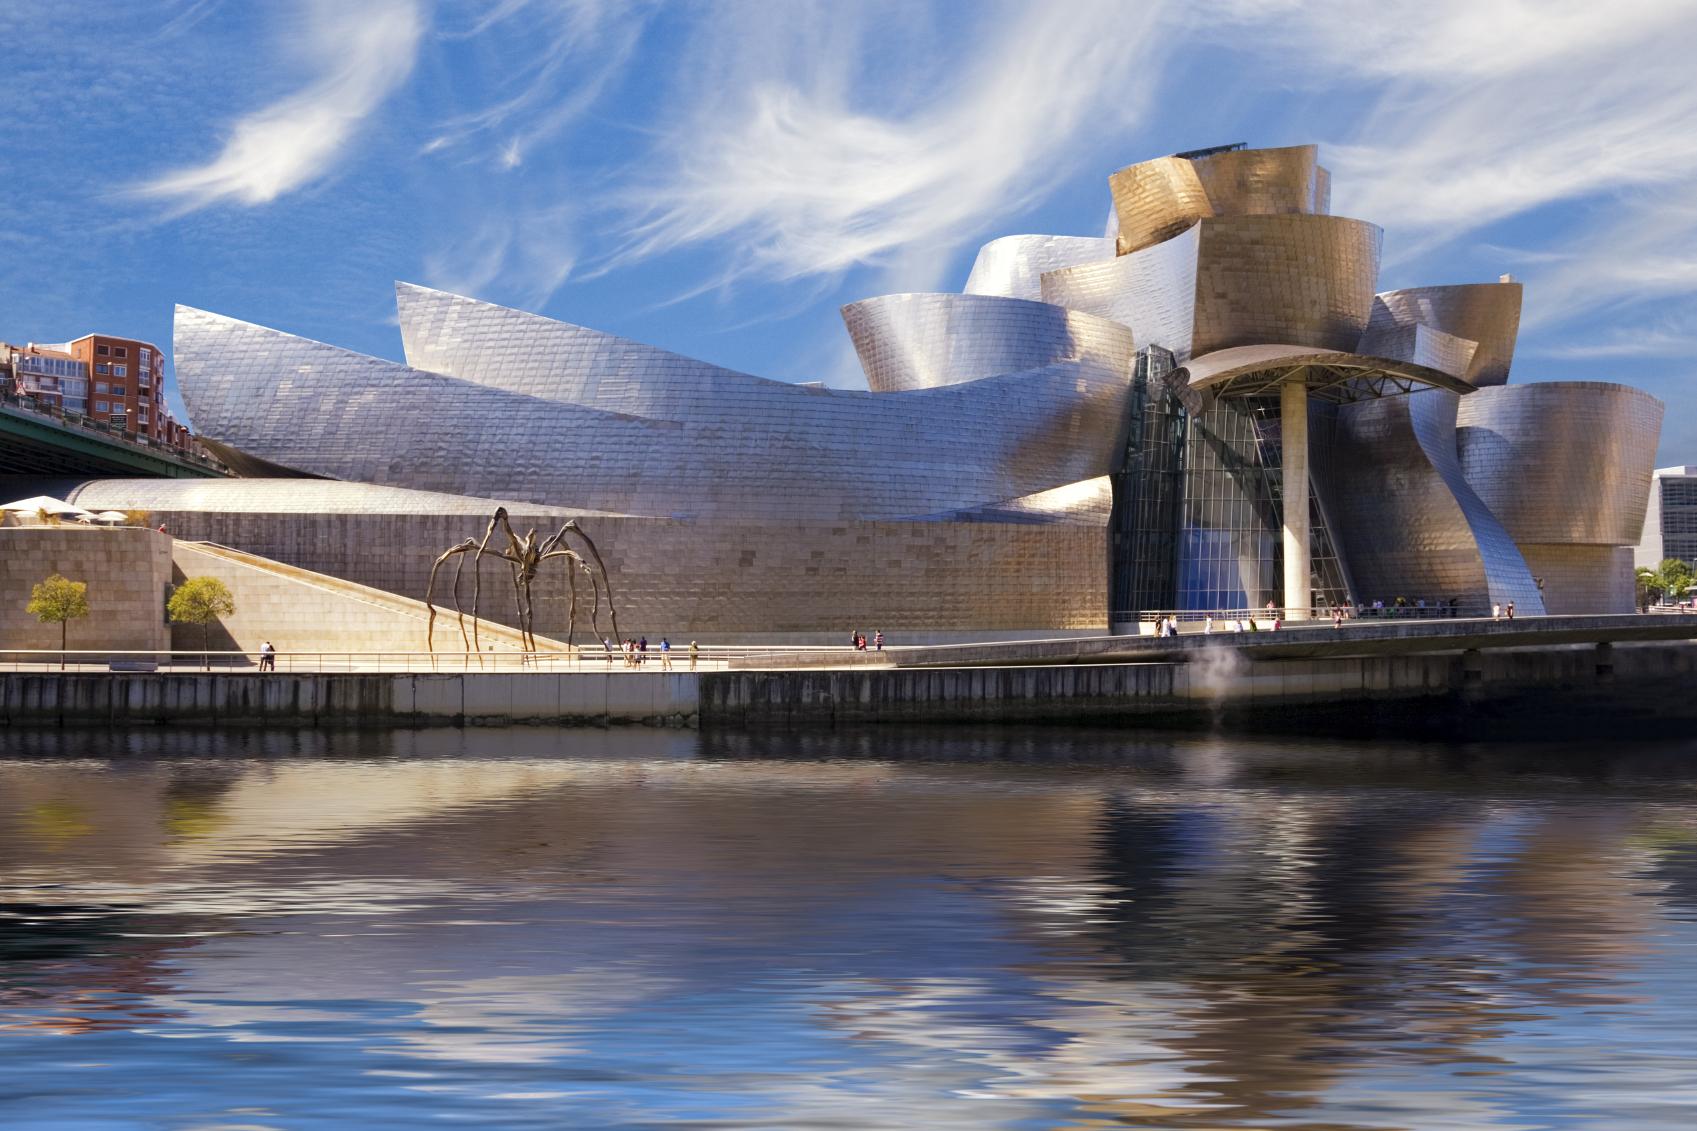 Guggenheim Bilbao museum reflection